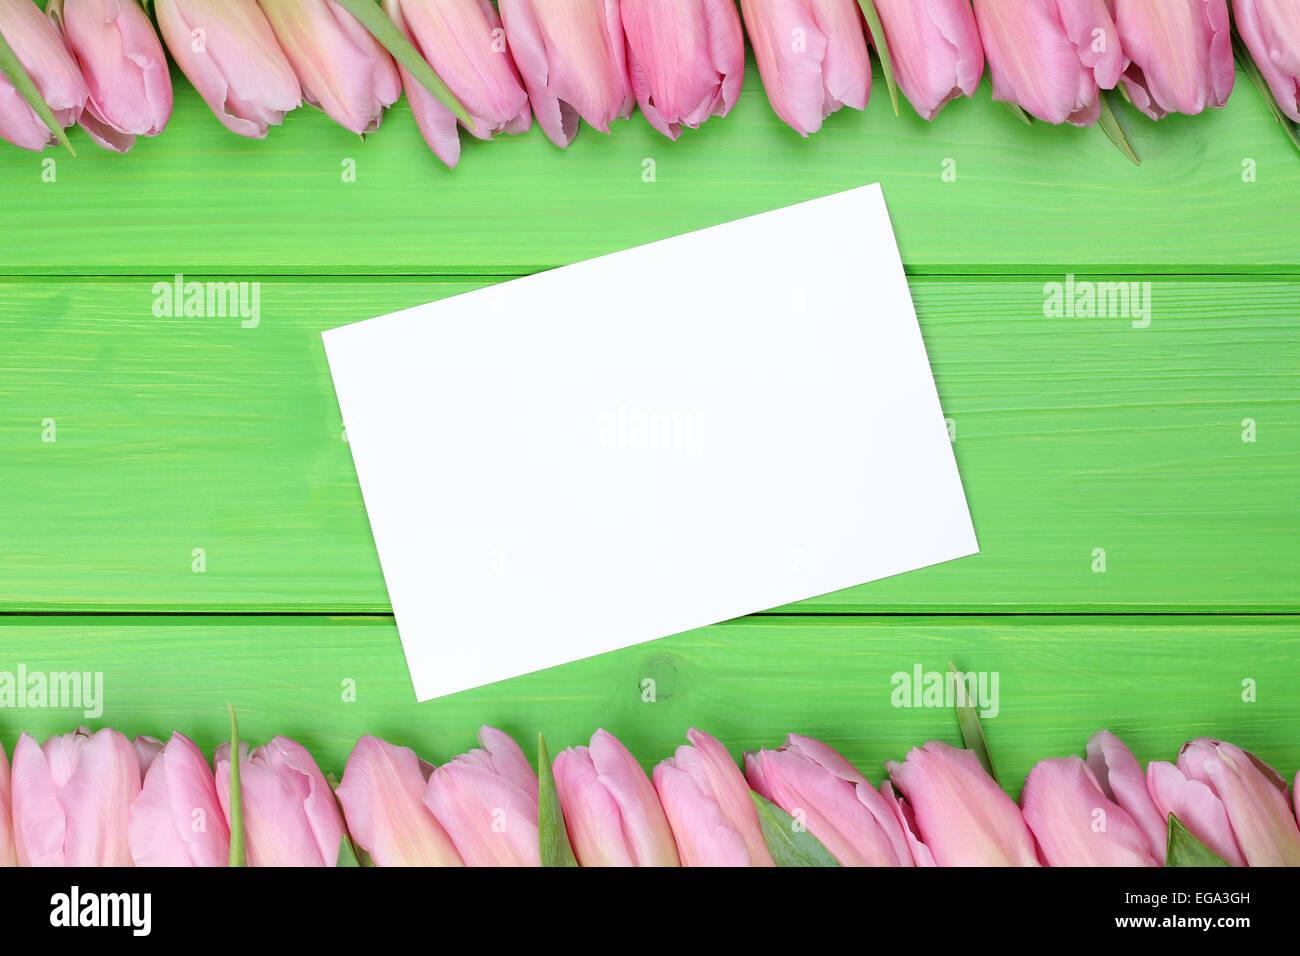 Rahmen von Tulpen Blumen im Frühling oder Mütter Tag mit Grußkarte und Exemplar für Ihren eigenen Stockbild